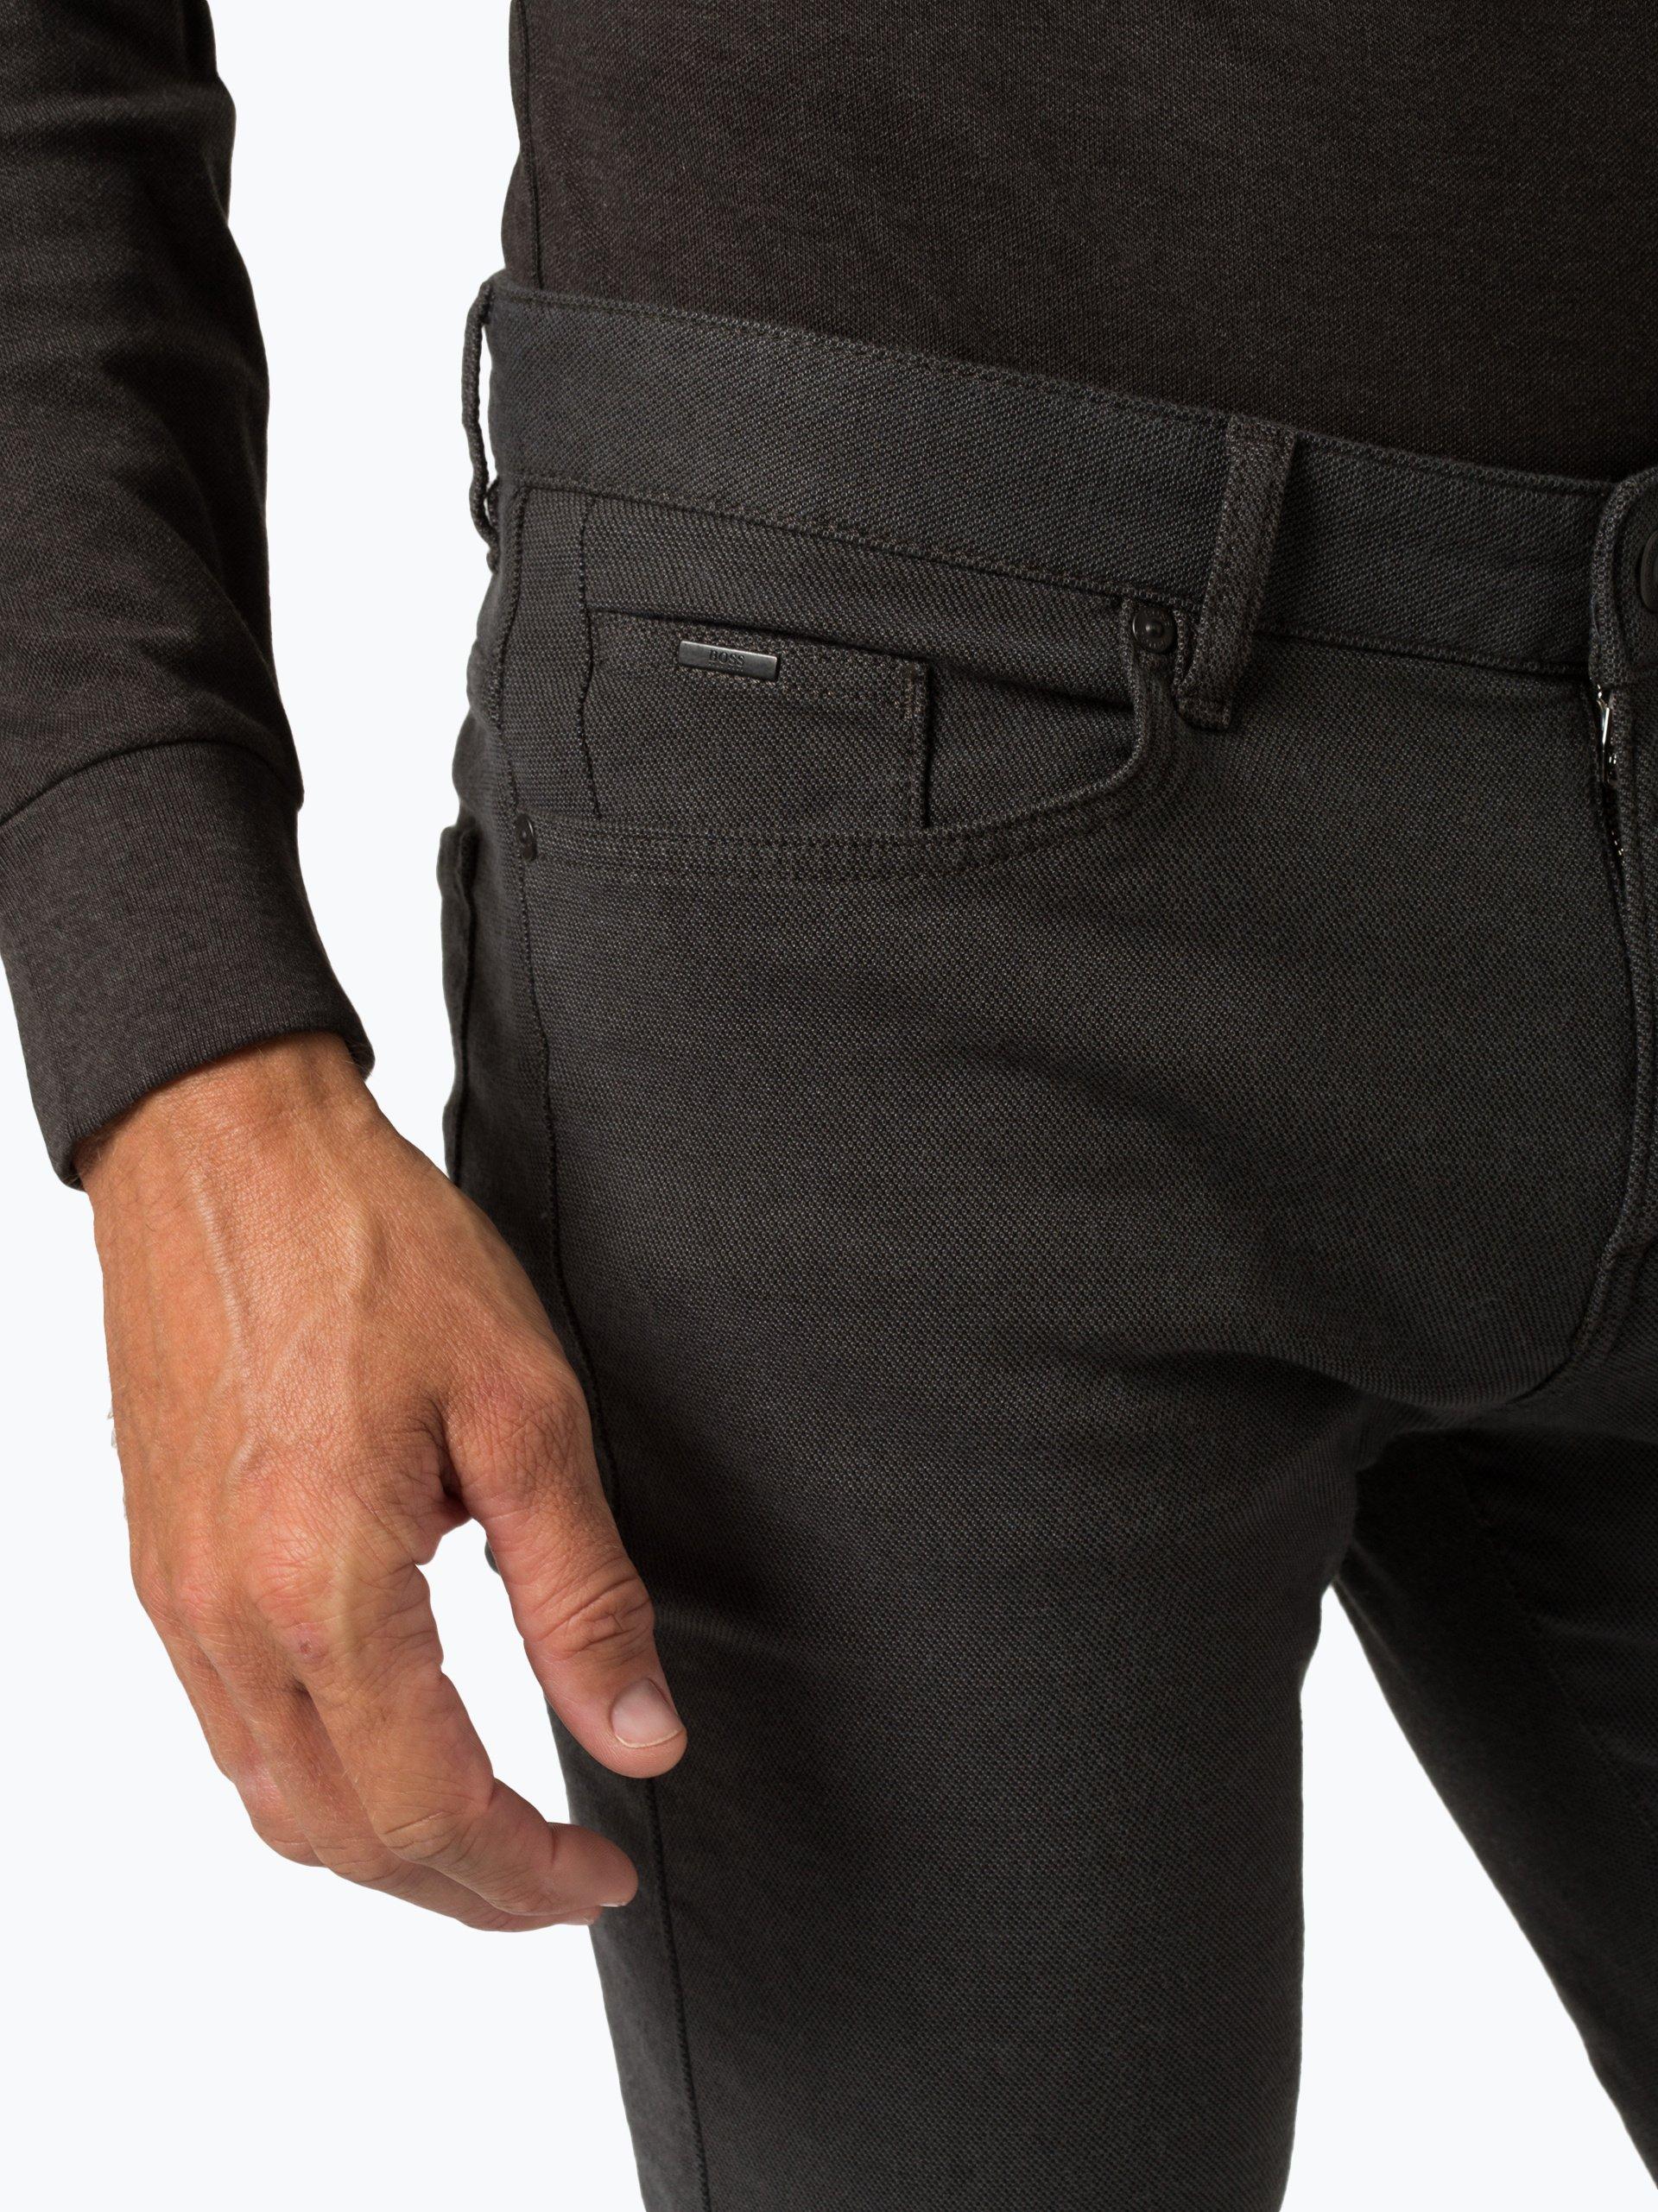 BOSS Spodnie męskie – Delaware3 1 20 kup online | VANGRAAF.COM